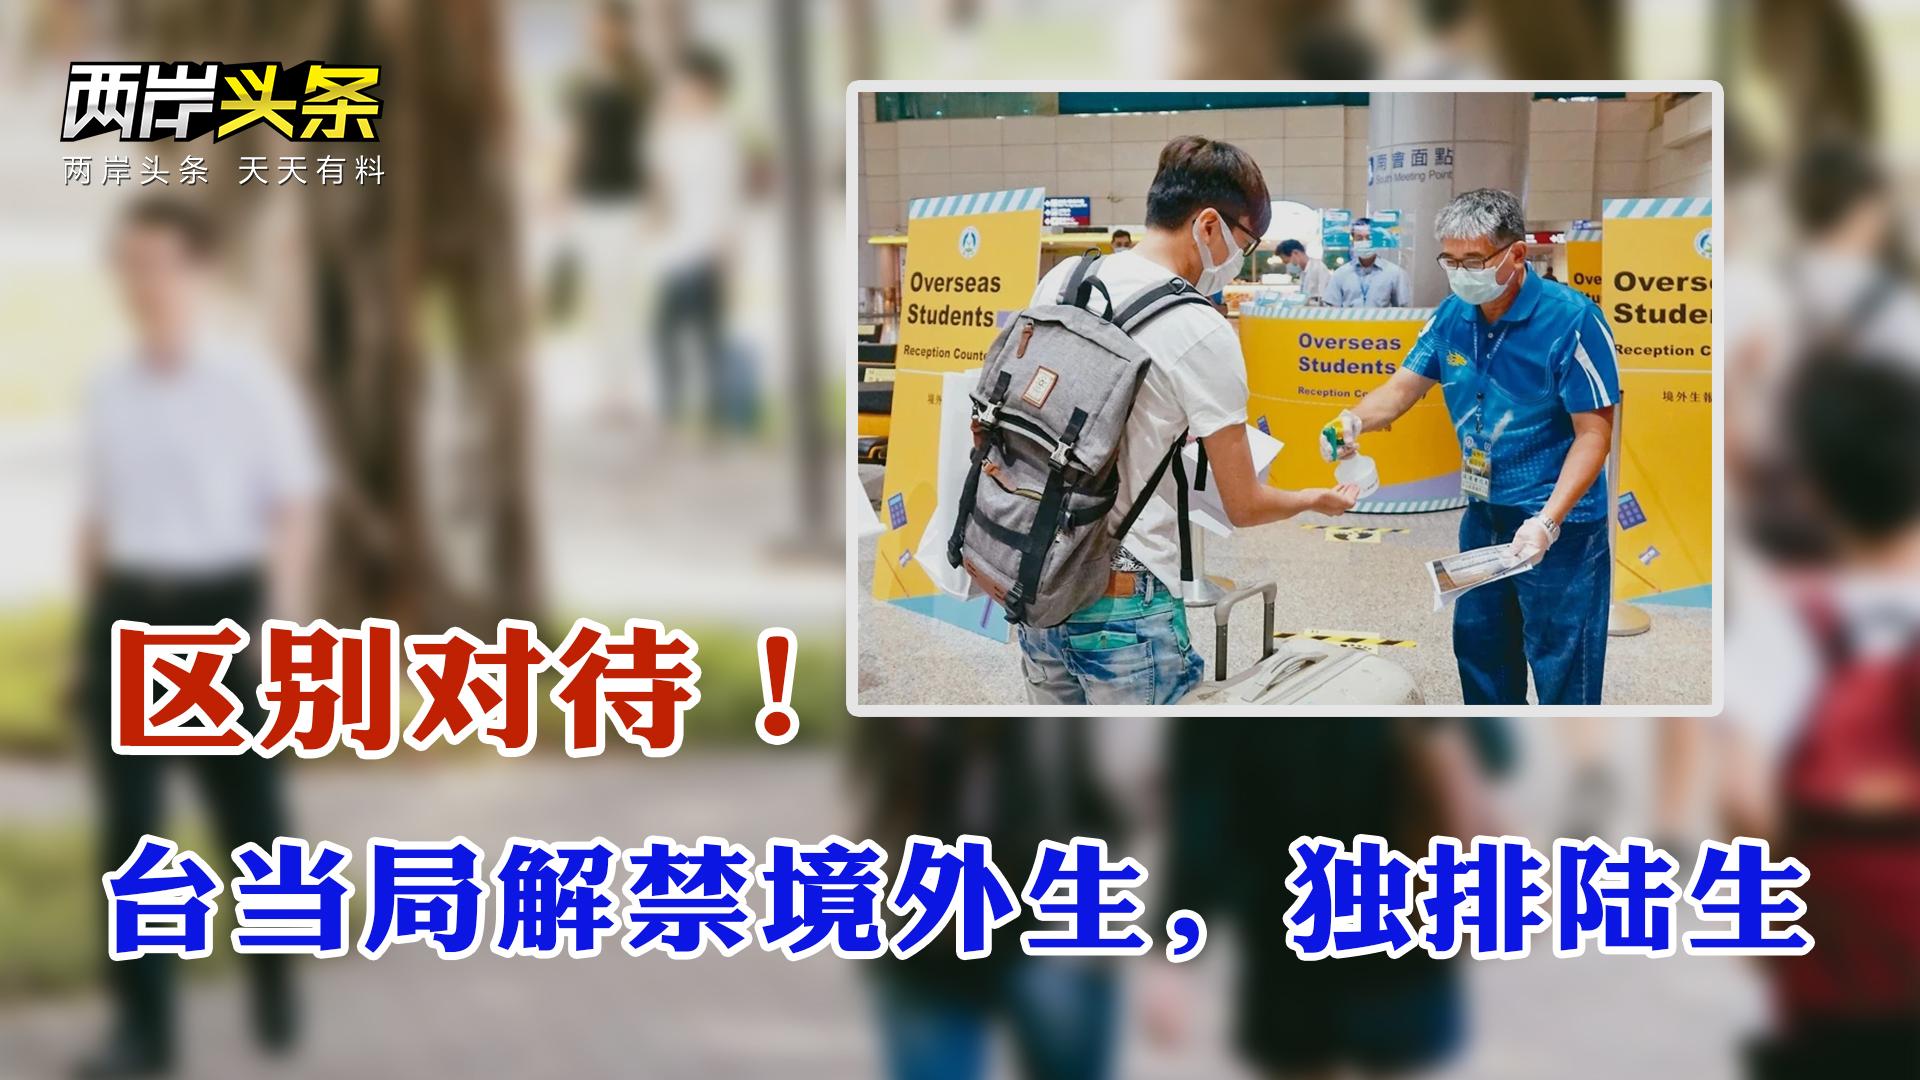 國臺辦回應美衛生部長訪台 民進黨當局解禁境外生卻獨排陸生惹議